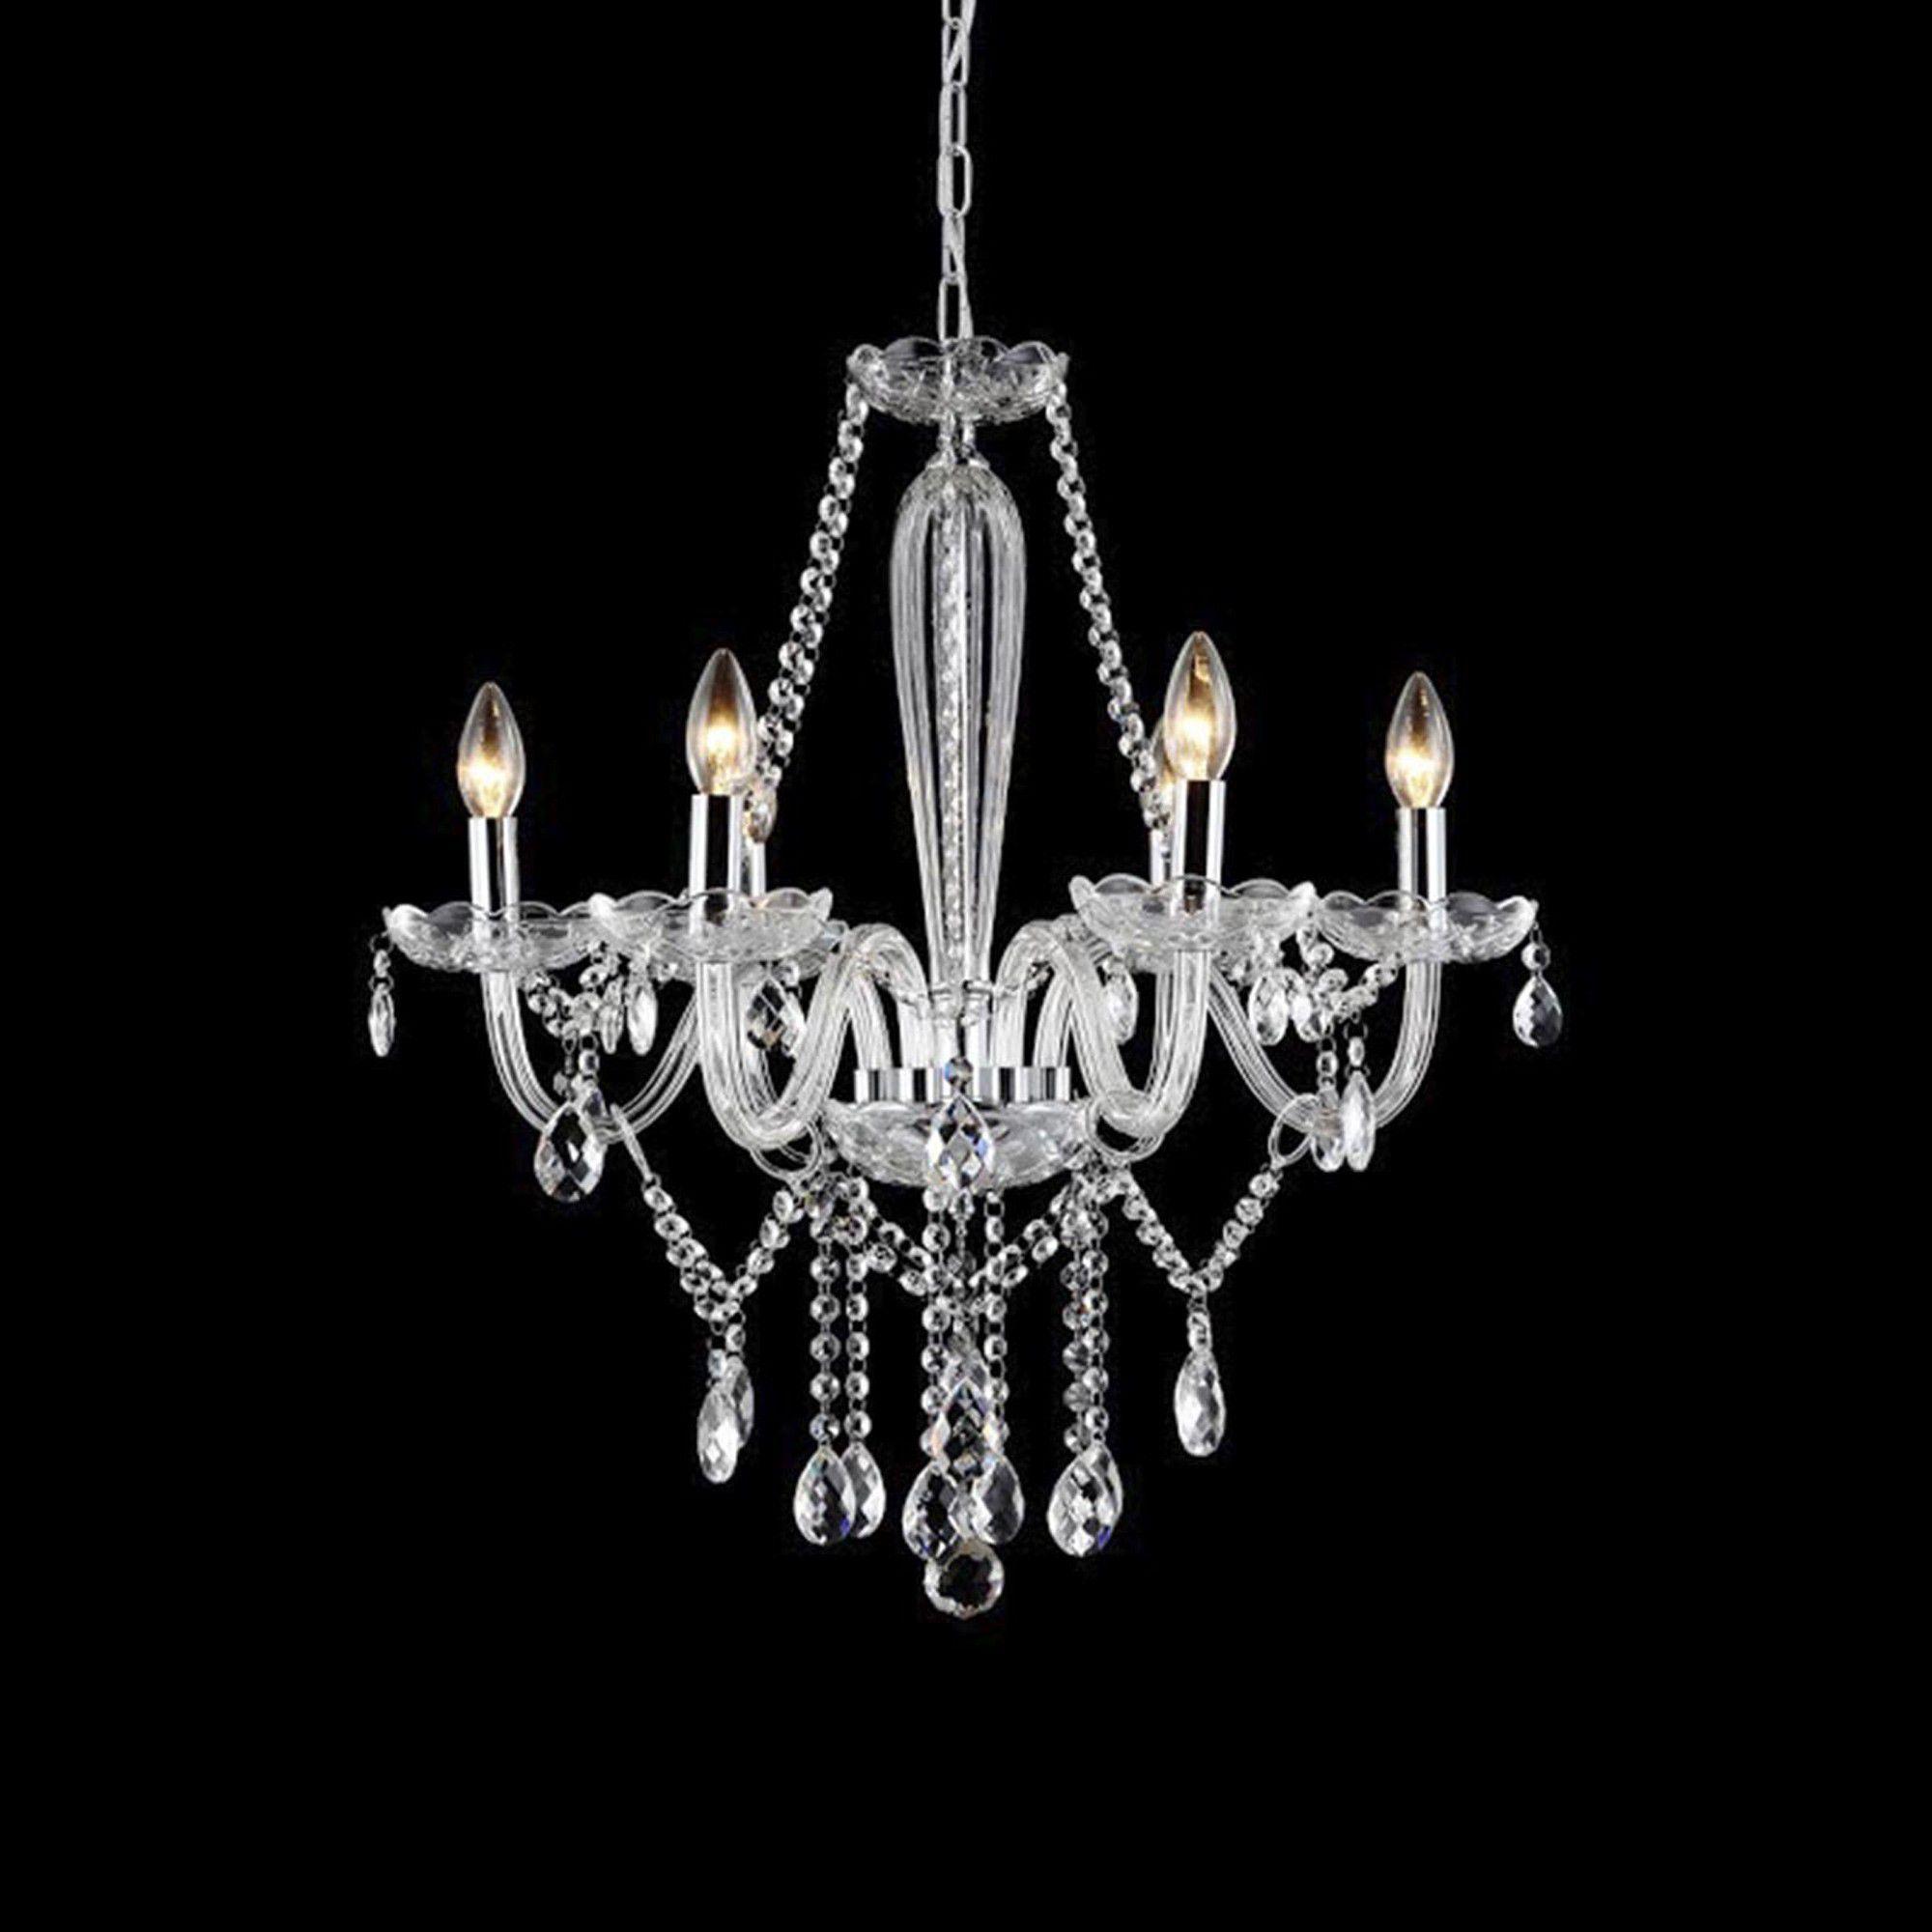 Lustre Candelabro de Cristal Maria Teresa - 6 Braços Transparente